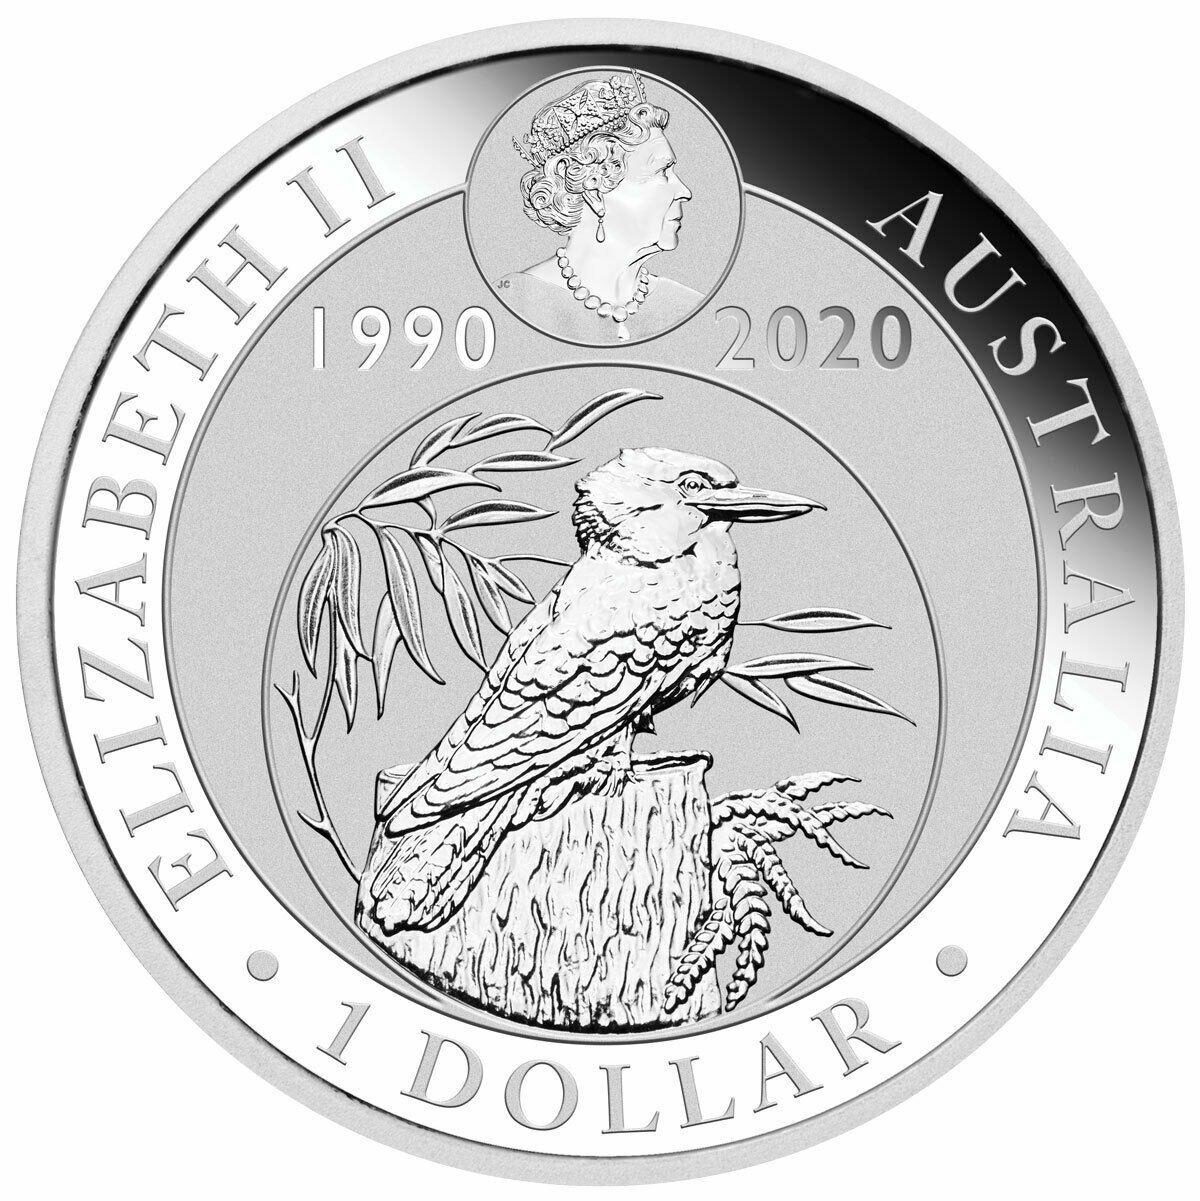 2020 P Australia 1 Oz Silver Kookaburra 30th Annv 1 Gem Bu Sku59718 Ebay In 2020 Silver Coins Coins Silver Bullion Coins